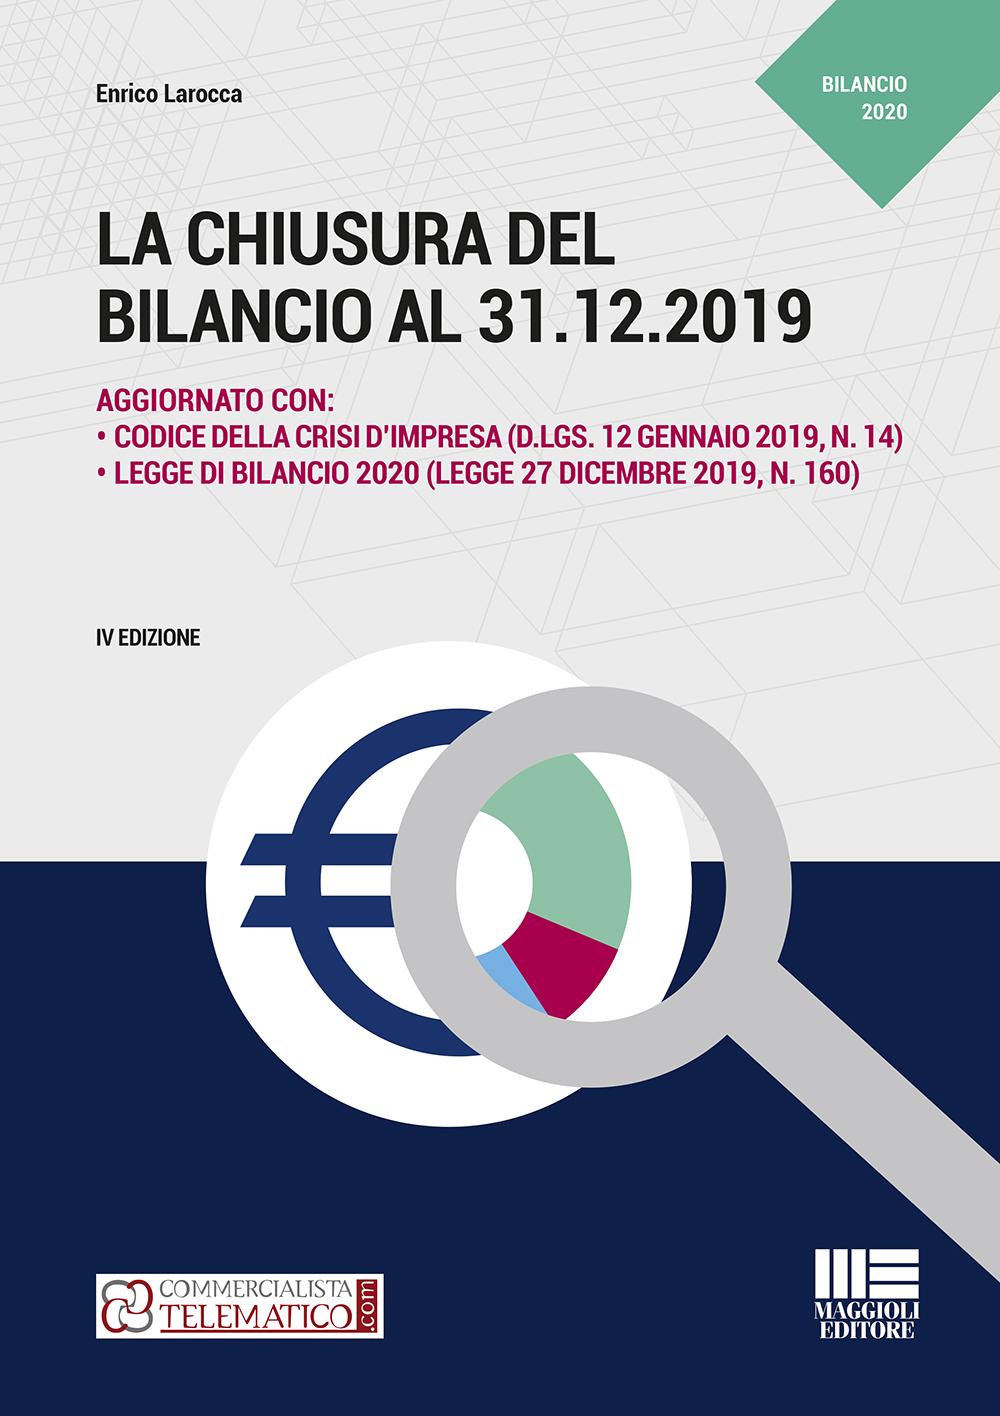 La chiusura del bilancio al 31.12.2019